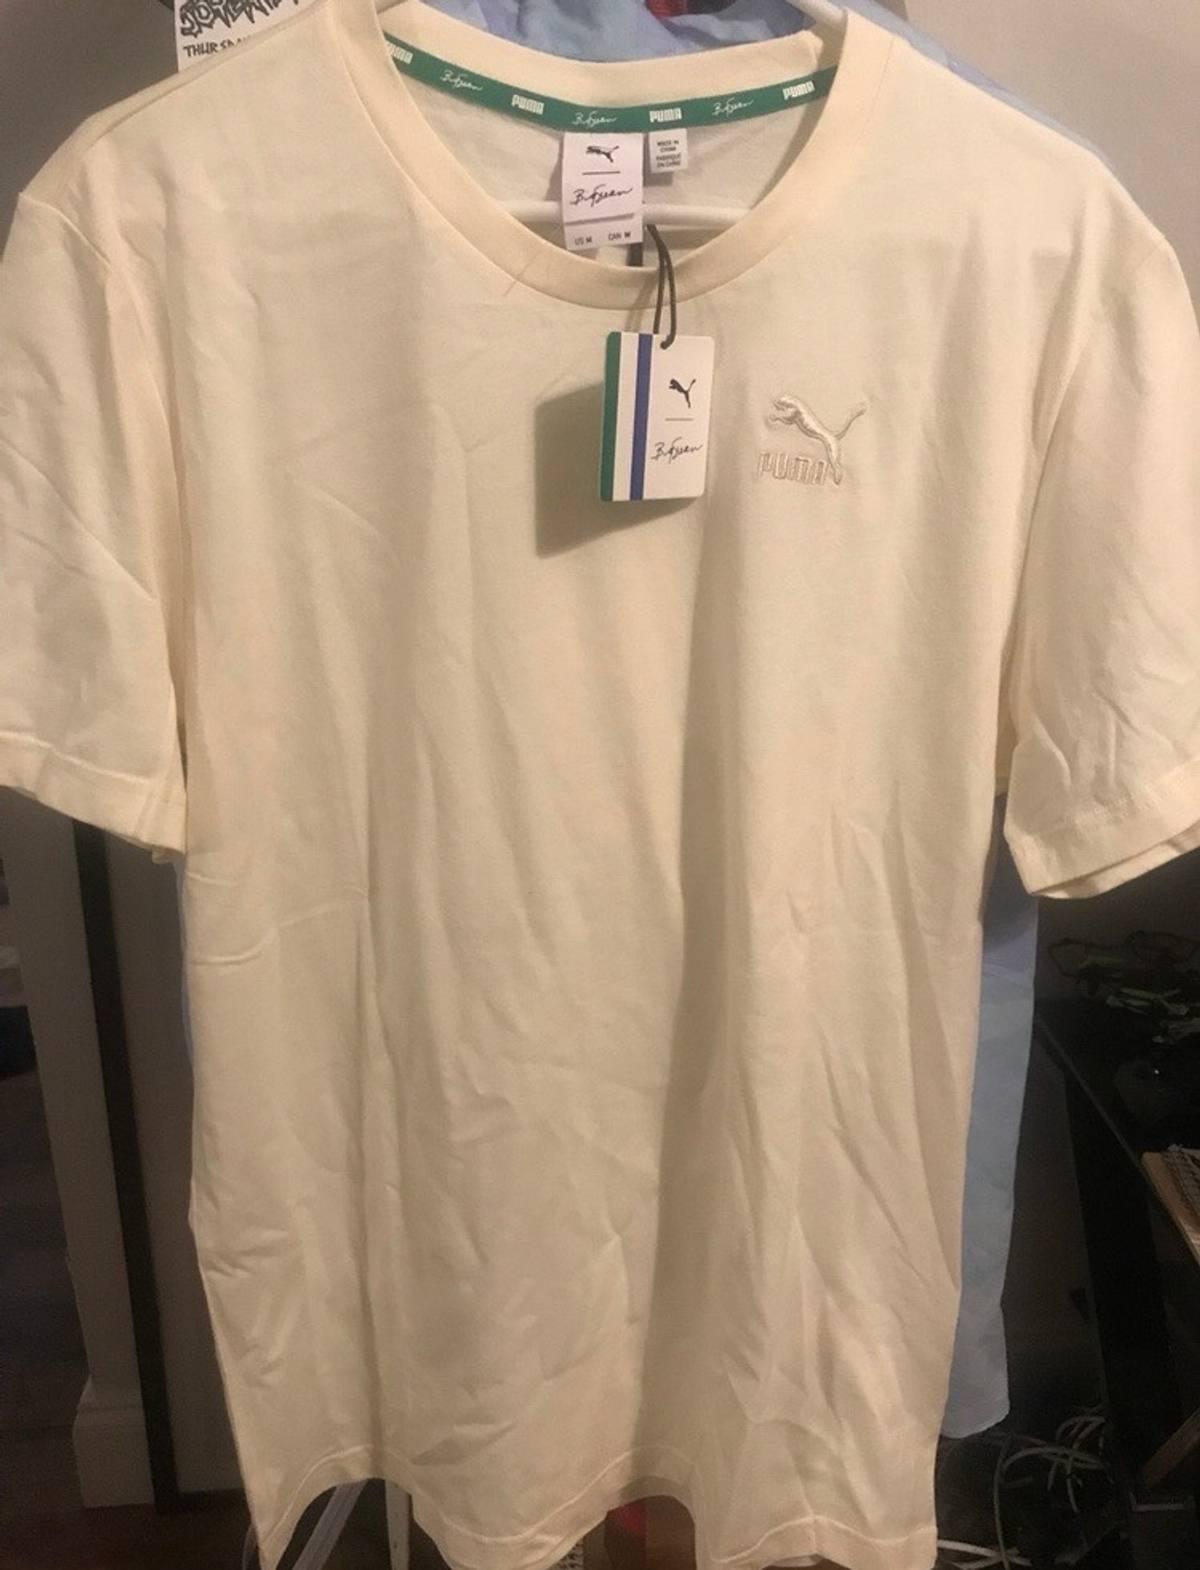 054f2275b4 Big Sean × Puma Puma X Big Sean T Shirt (W Tags ) Size M $19